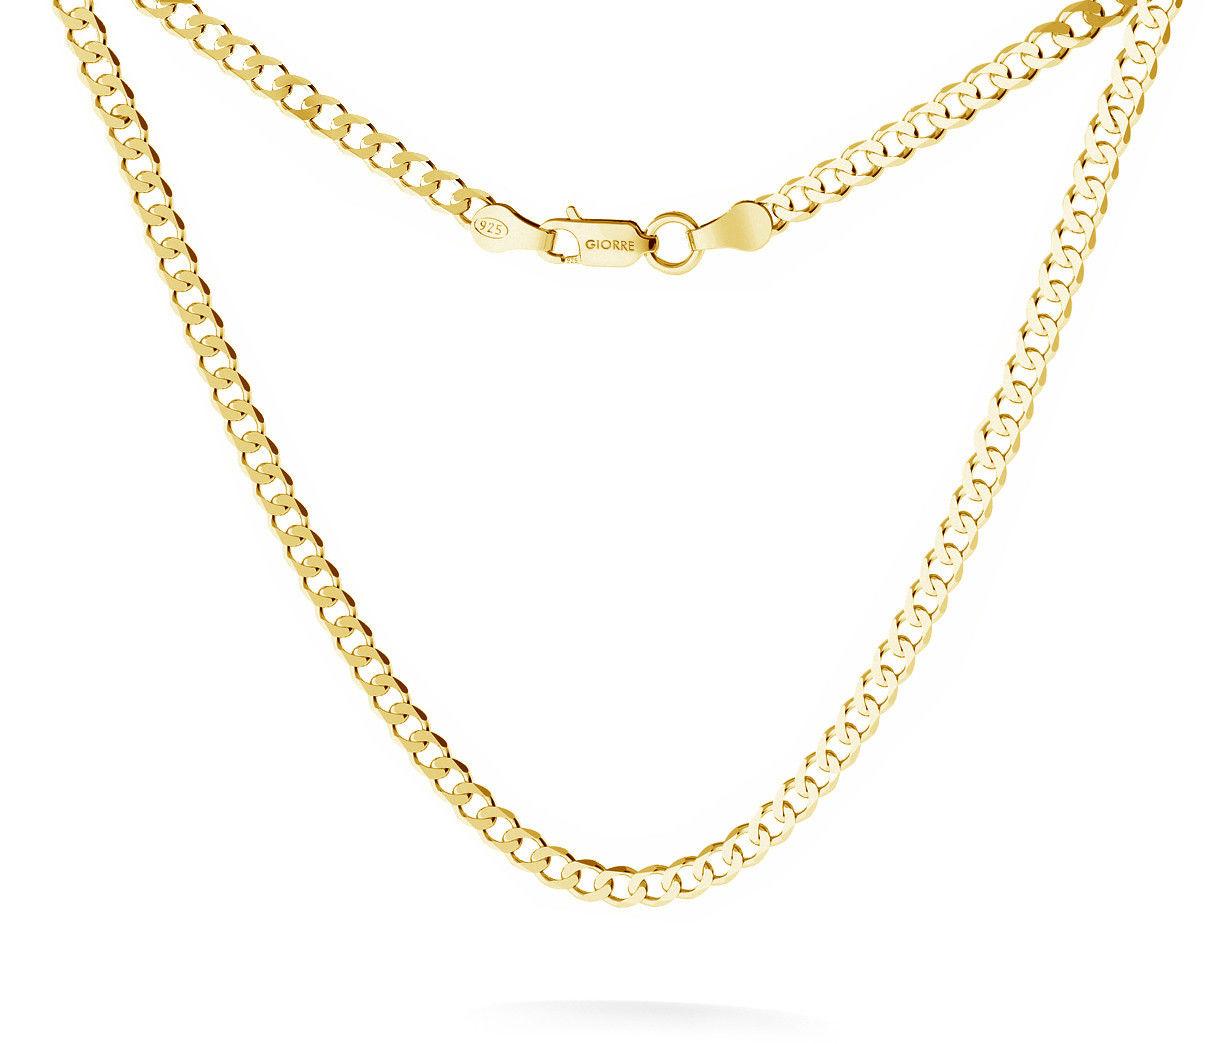 Męski łańcuszek pancerka, srebro 925 : Długość (cm) - 45, Srebro - kolor pokrycia - Pokrycie żółtym 18K złotem